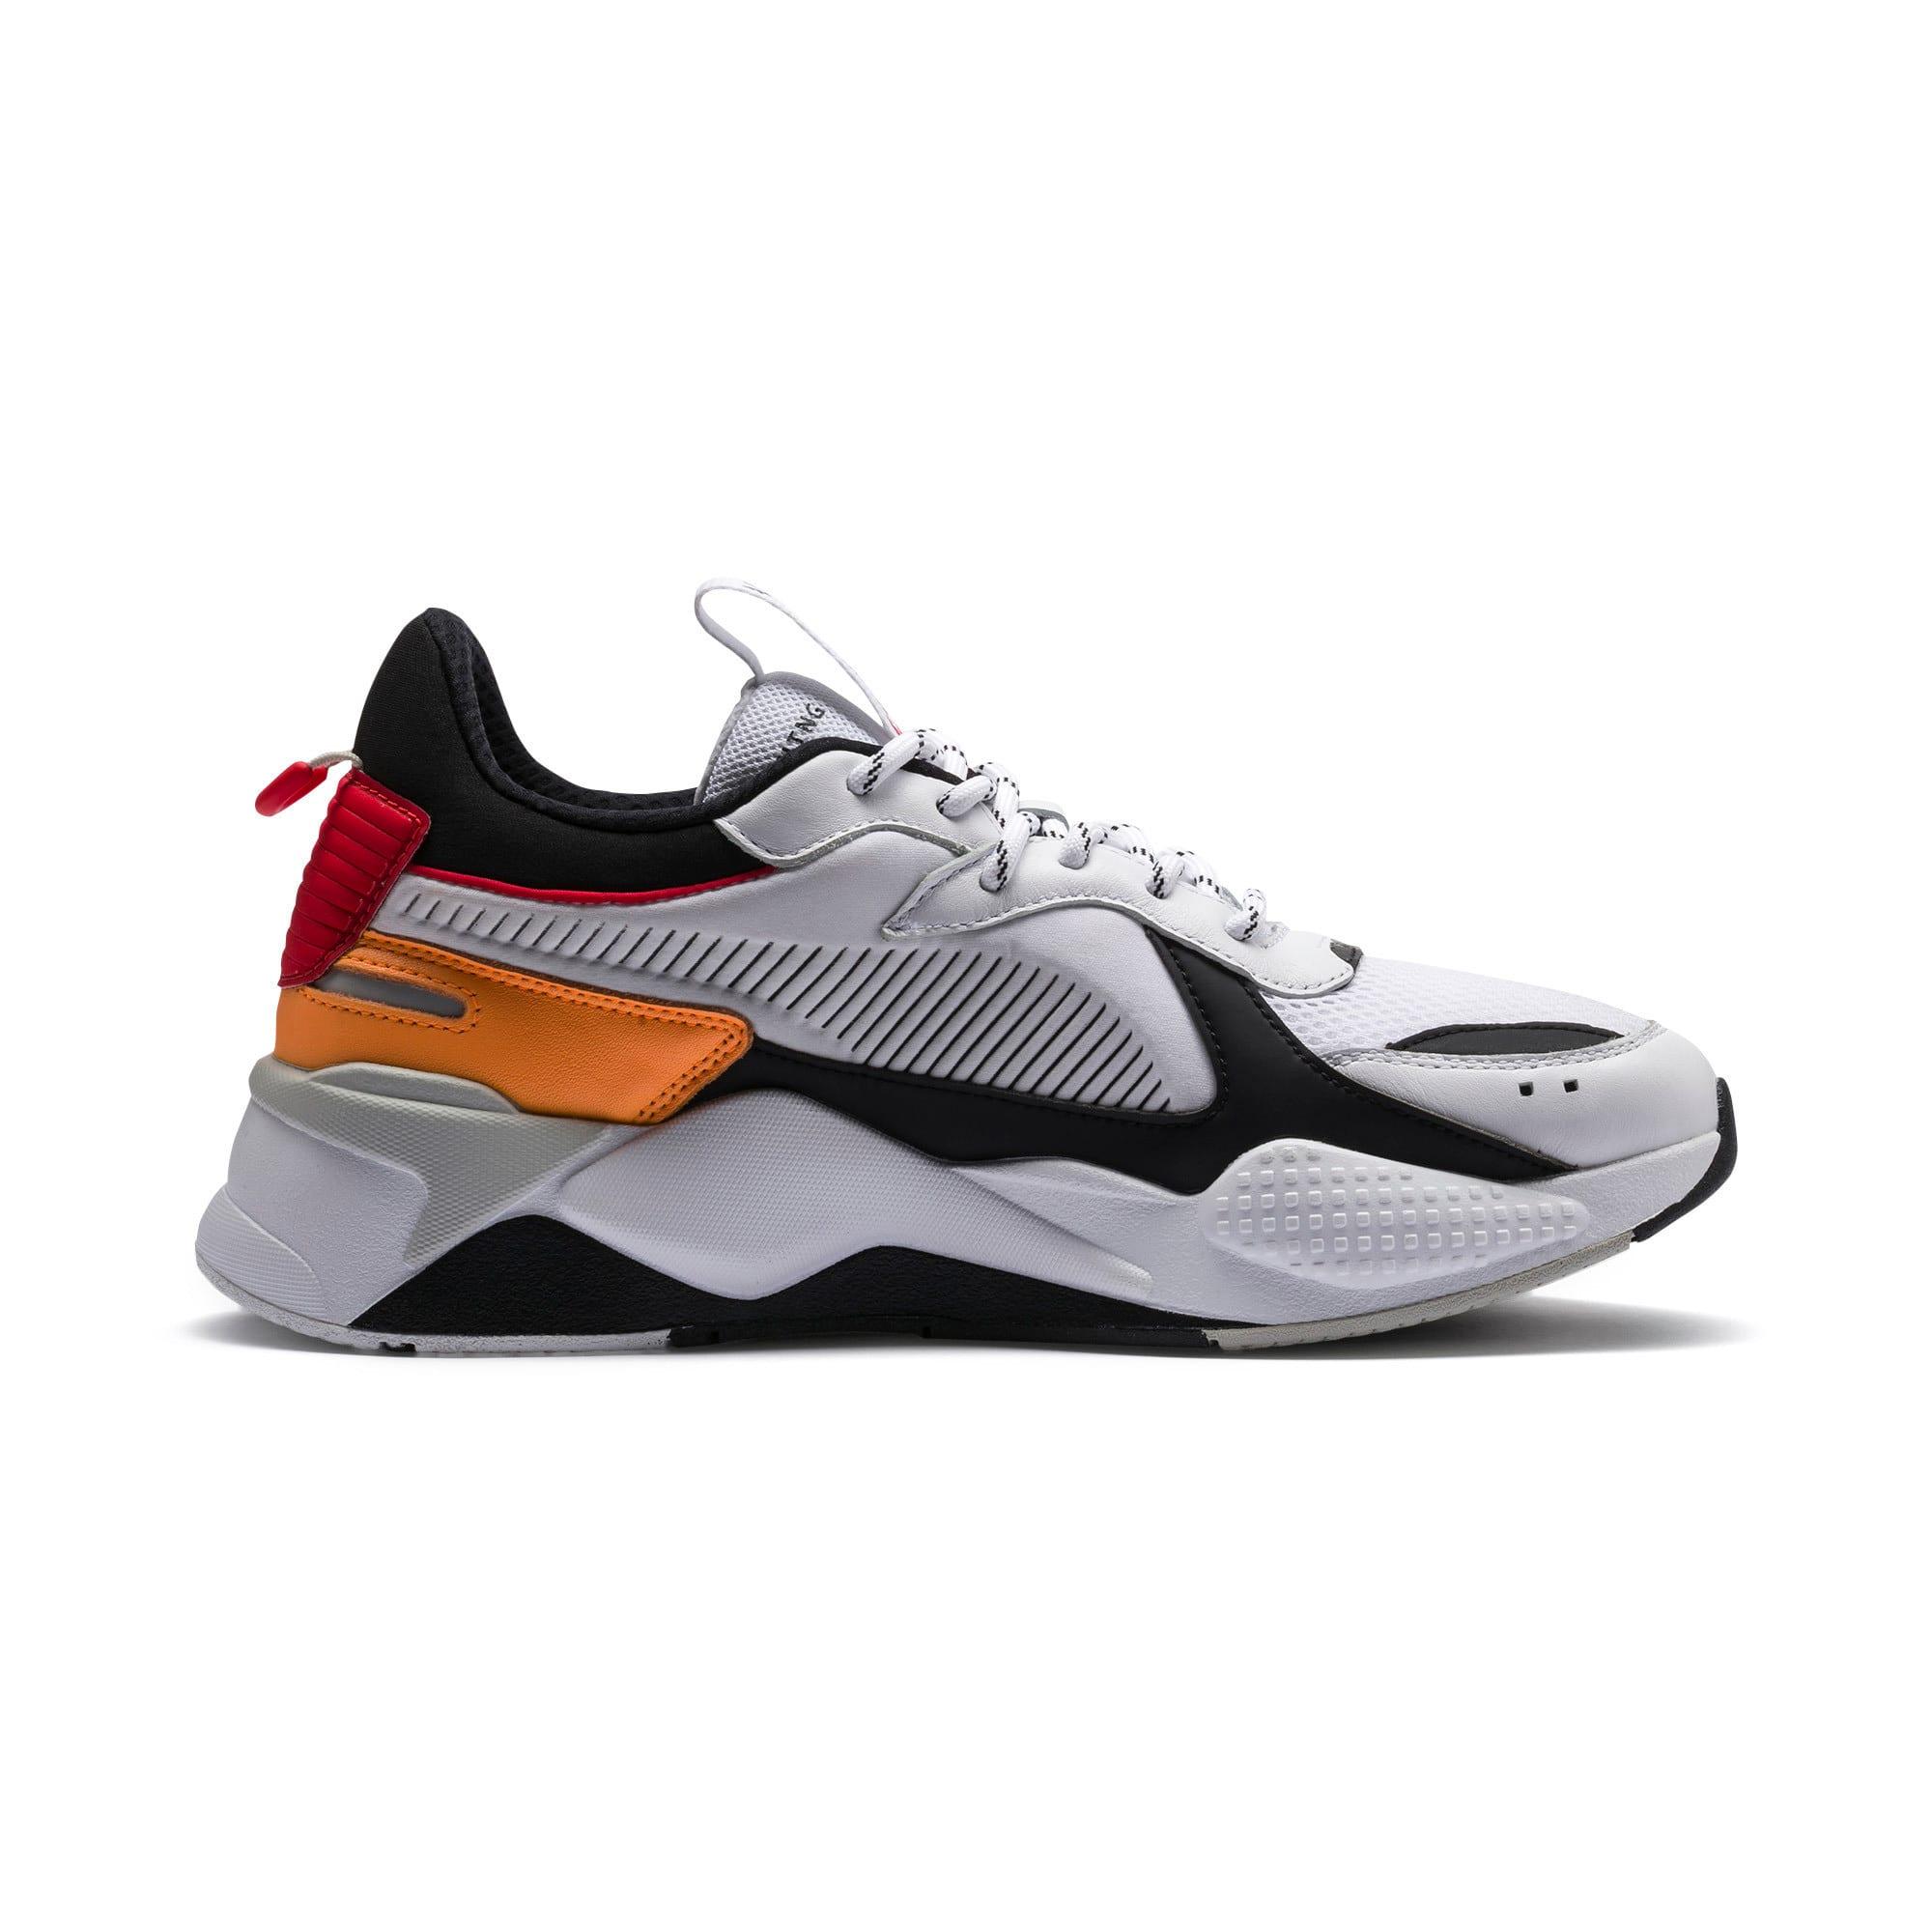 Thumbnail 6 of RS-X Tracks Trainers, Puma White-Puma Black, medium